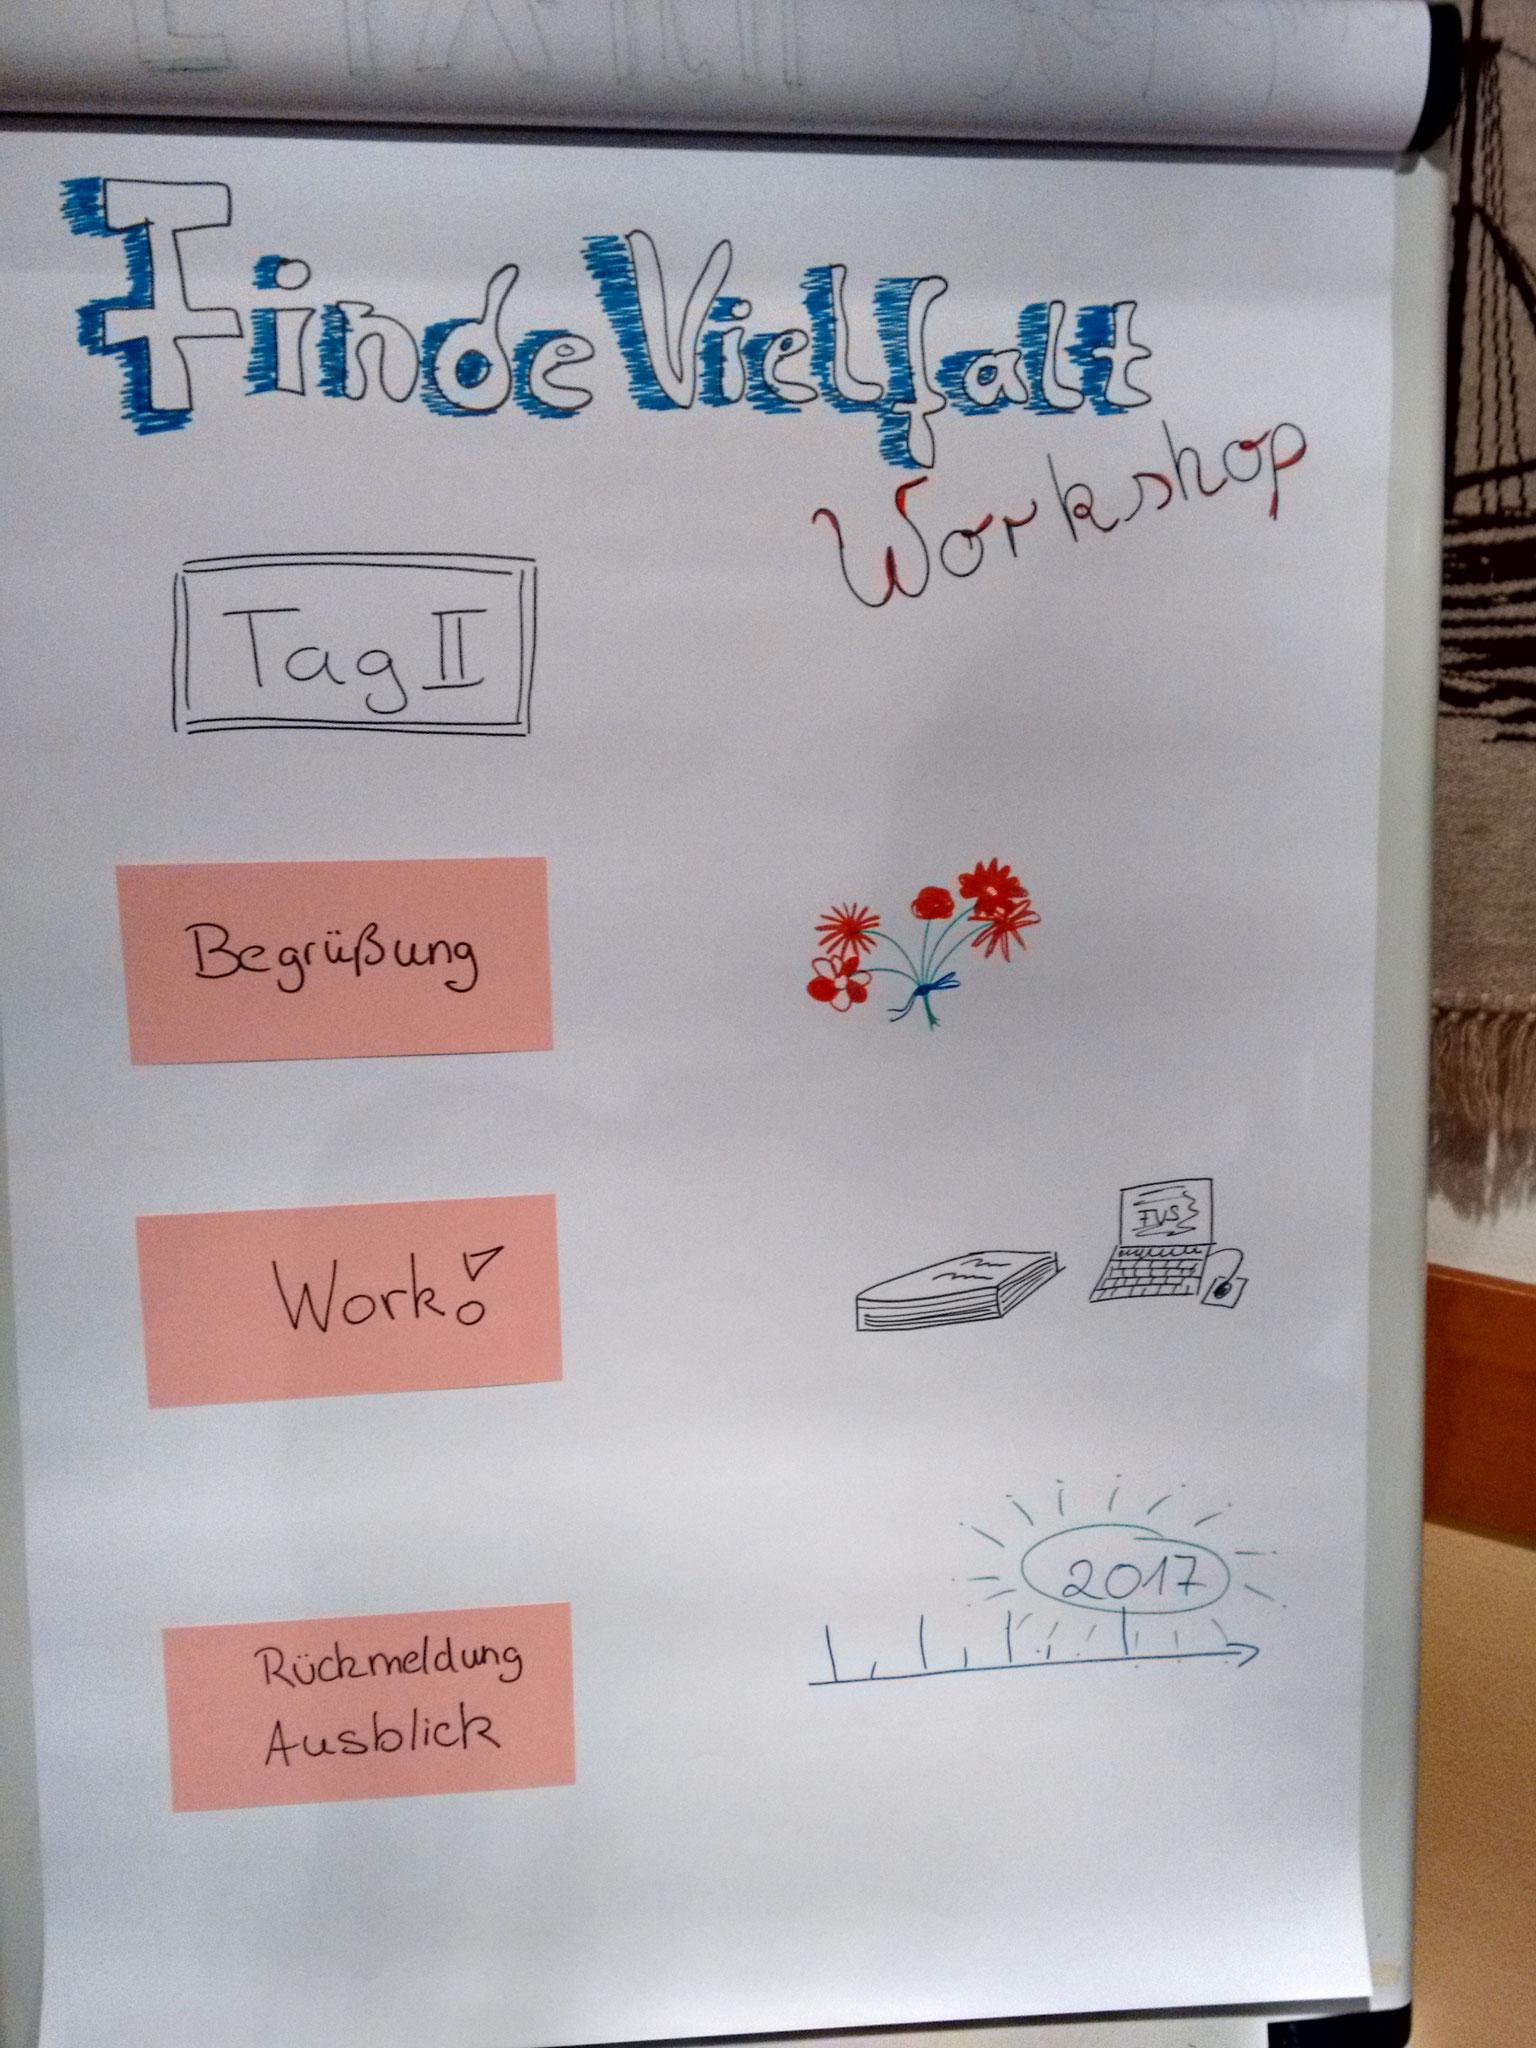 Programm des zweiten Workshoptages. Foto: A. Haas